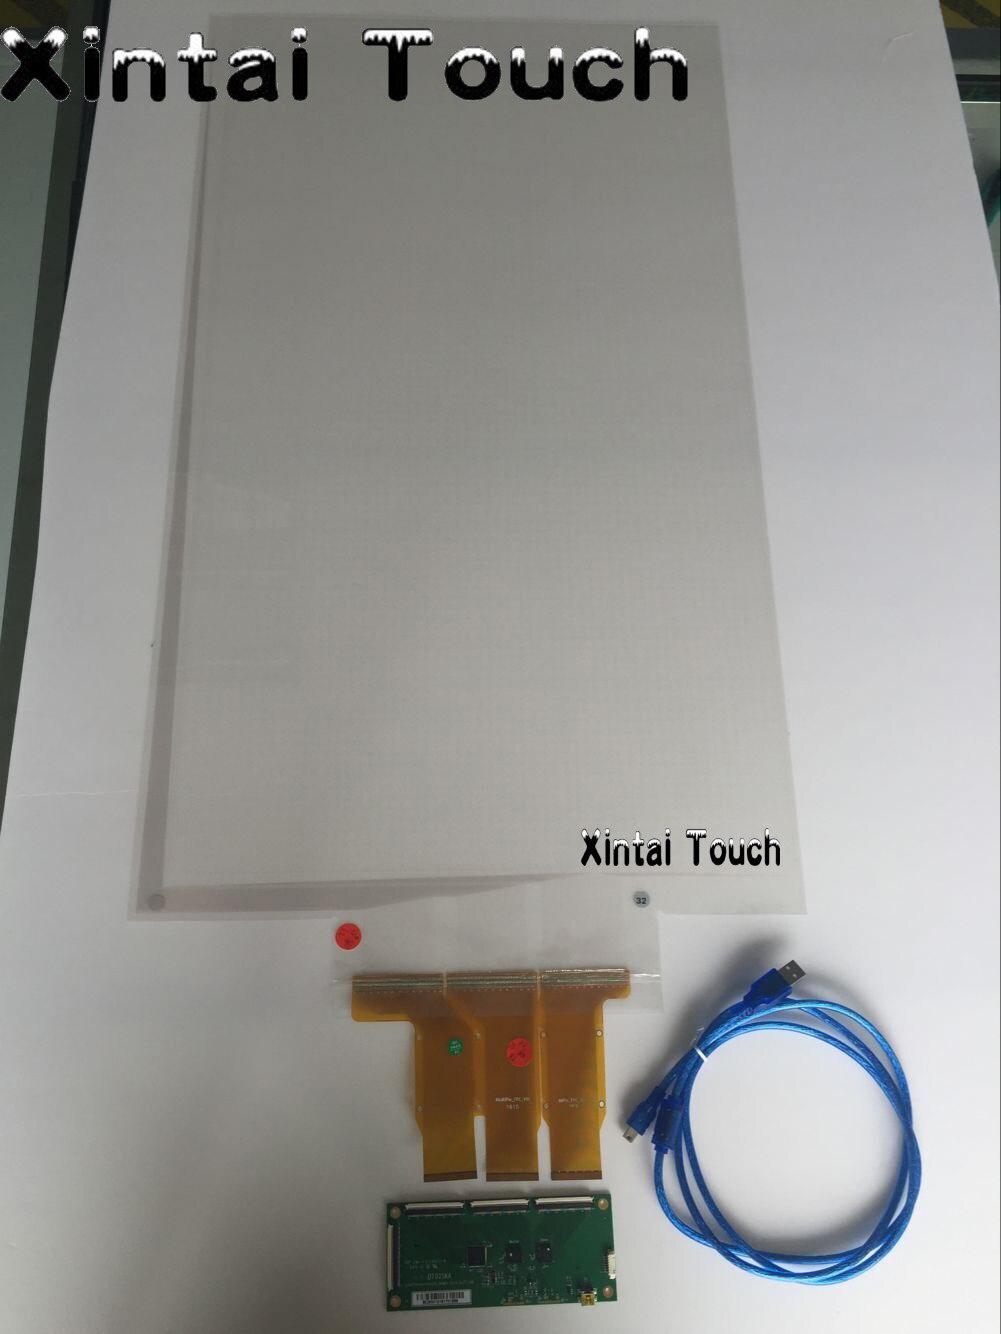 37 USB Интерактивная двойным Сенсорный экран Фольга Плёнки, capacitvie Сенсорный экран Плёнки для киоск/Реклама игрок